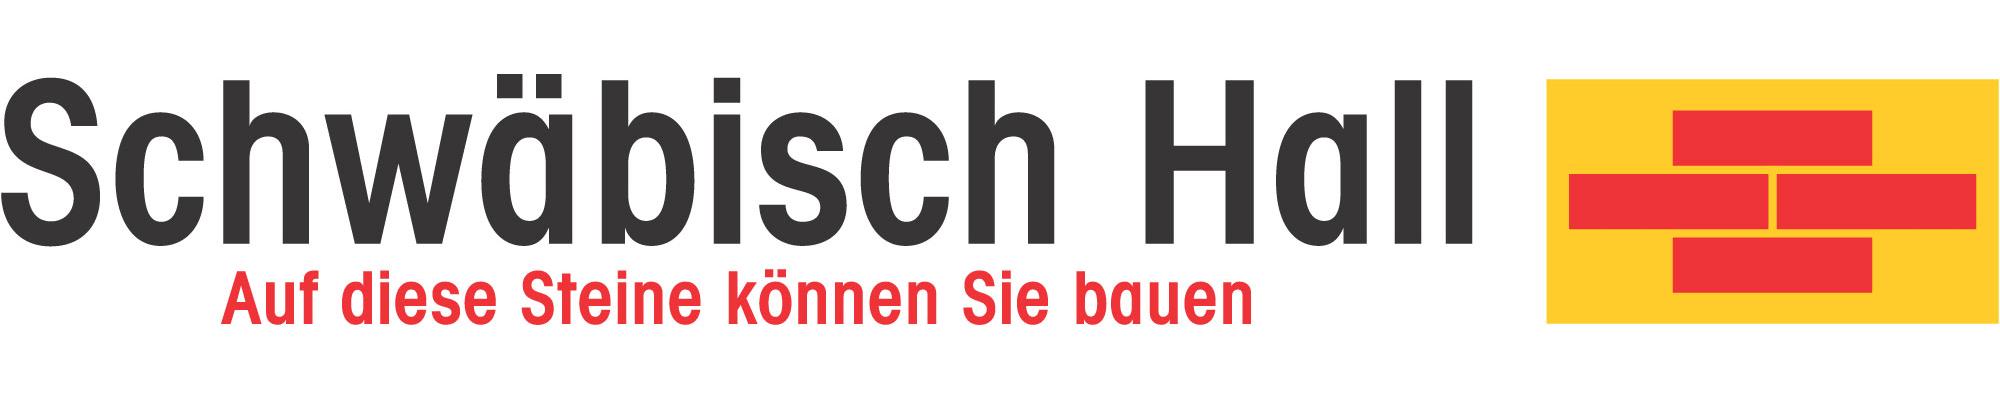 1_firmenlogo-bausparkasse-schwaebisch-hall_galerie.png